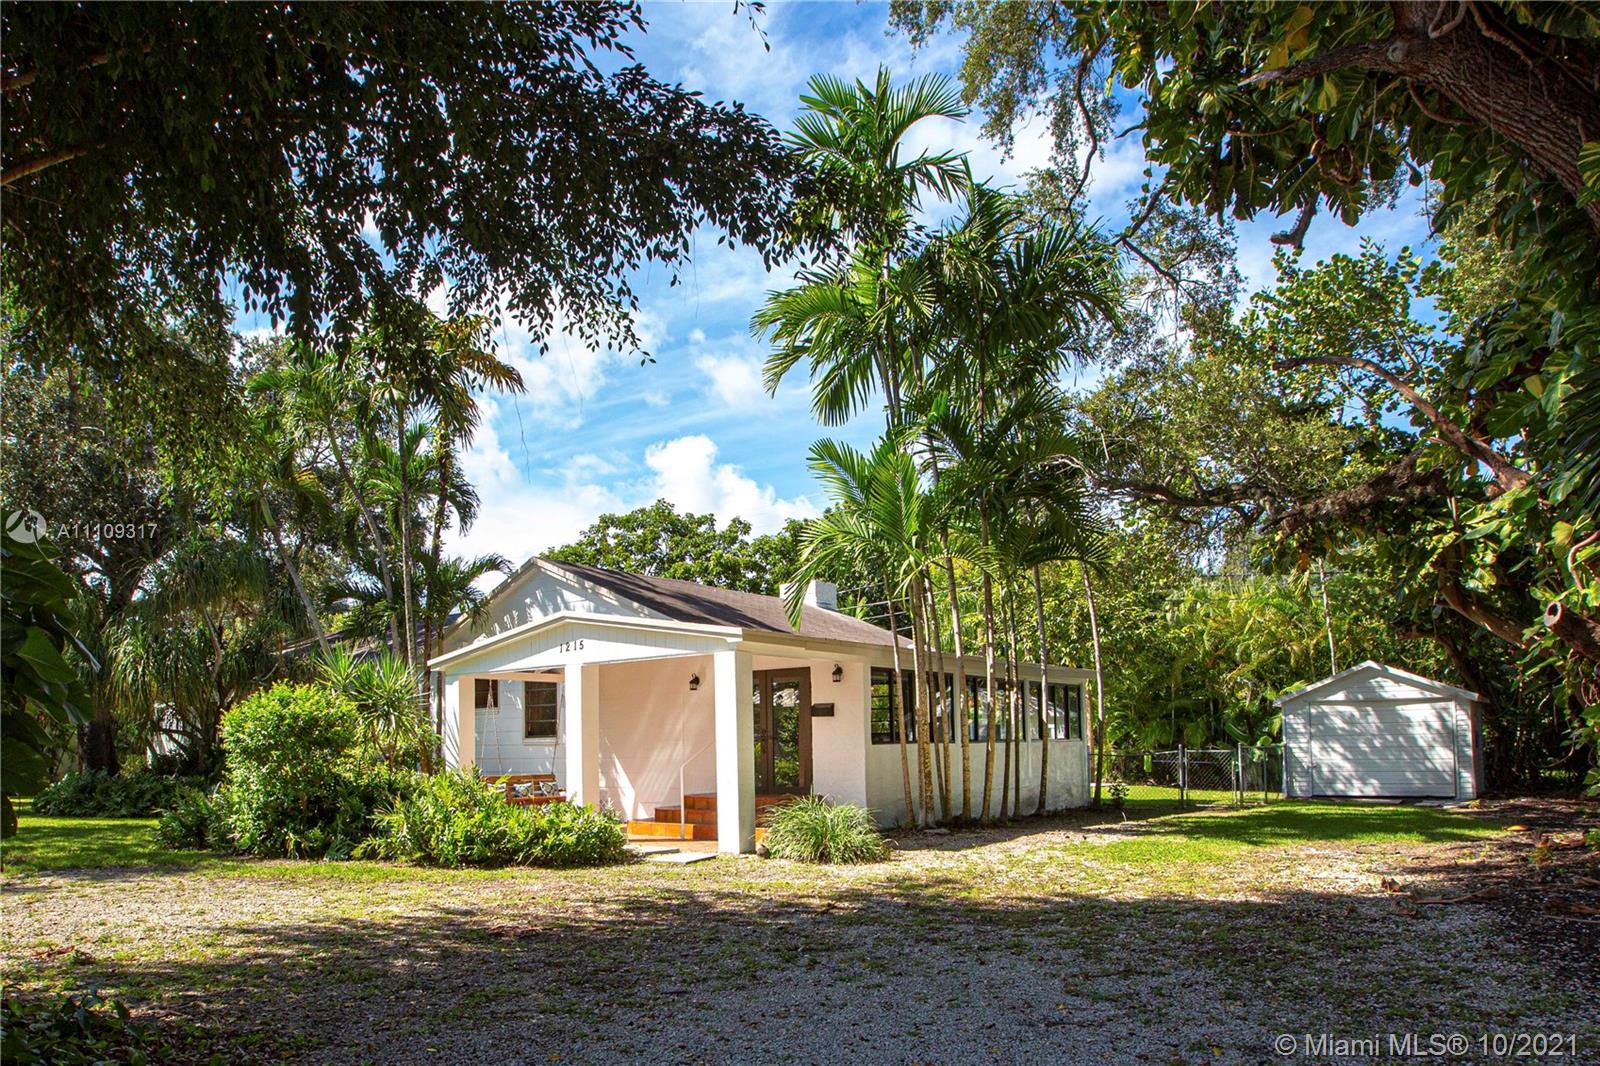 Riviera - 1215 San Ignacio Ave, Coral Gables, FL 33146